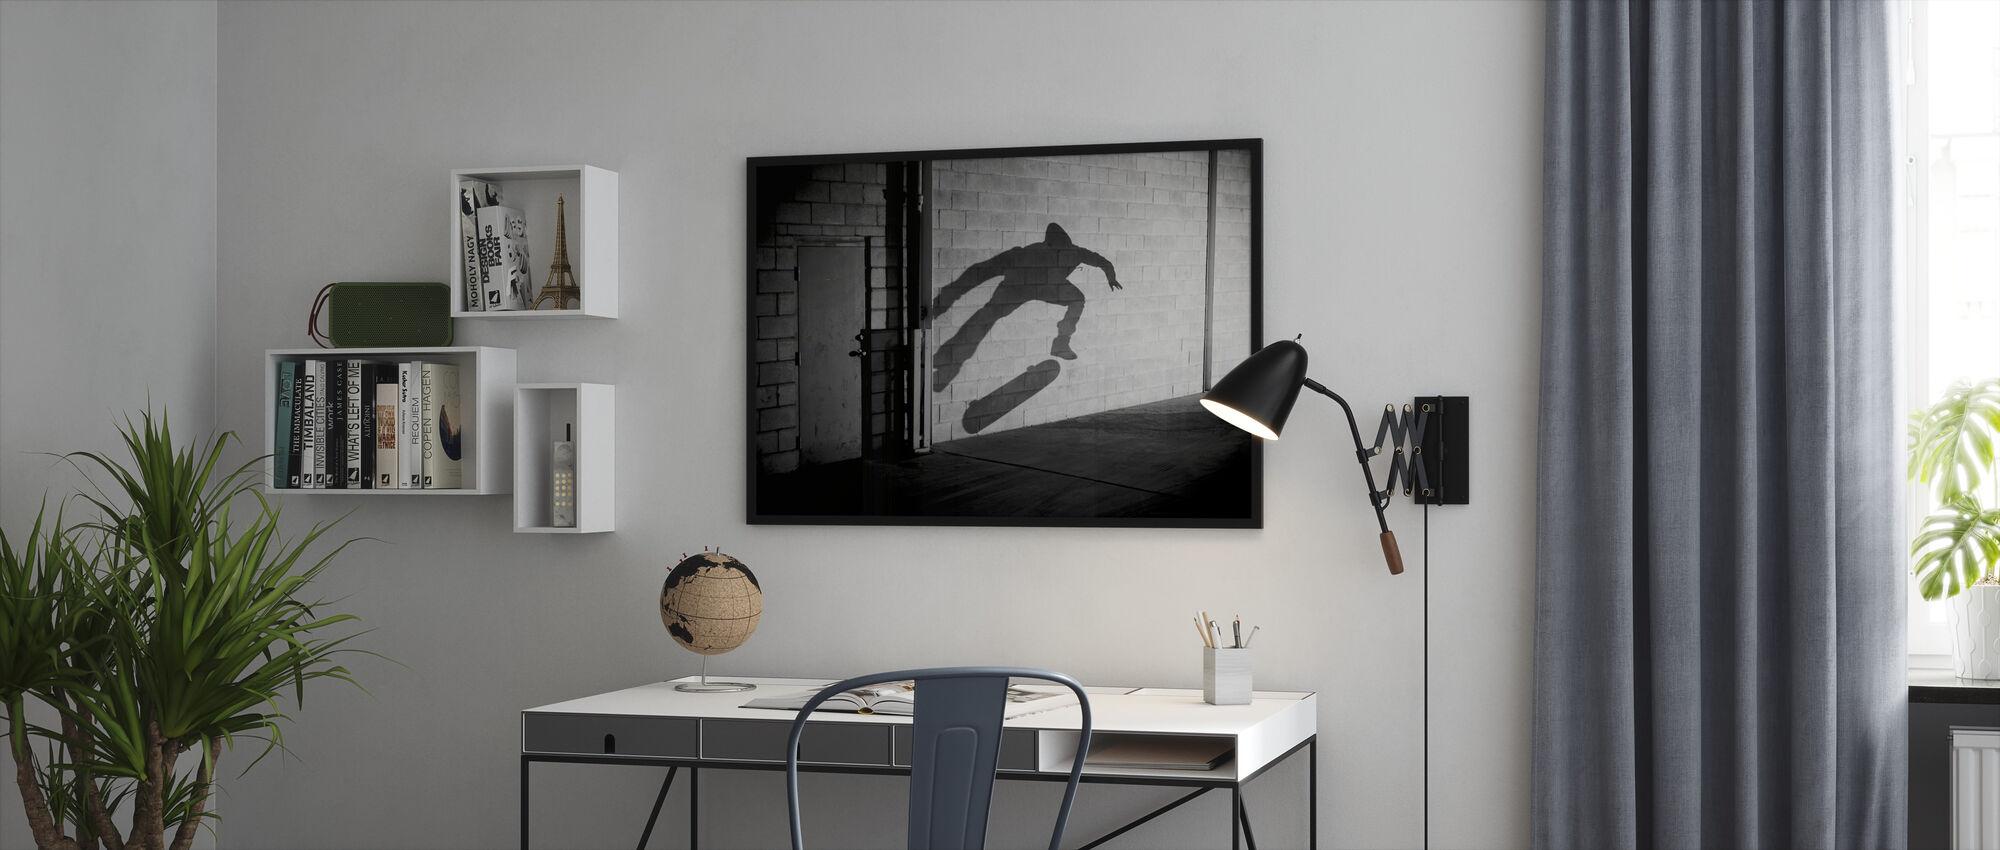 Skygge Skateboarder - Indrammet billede - Kontor